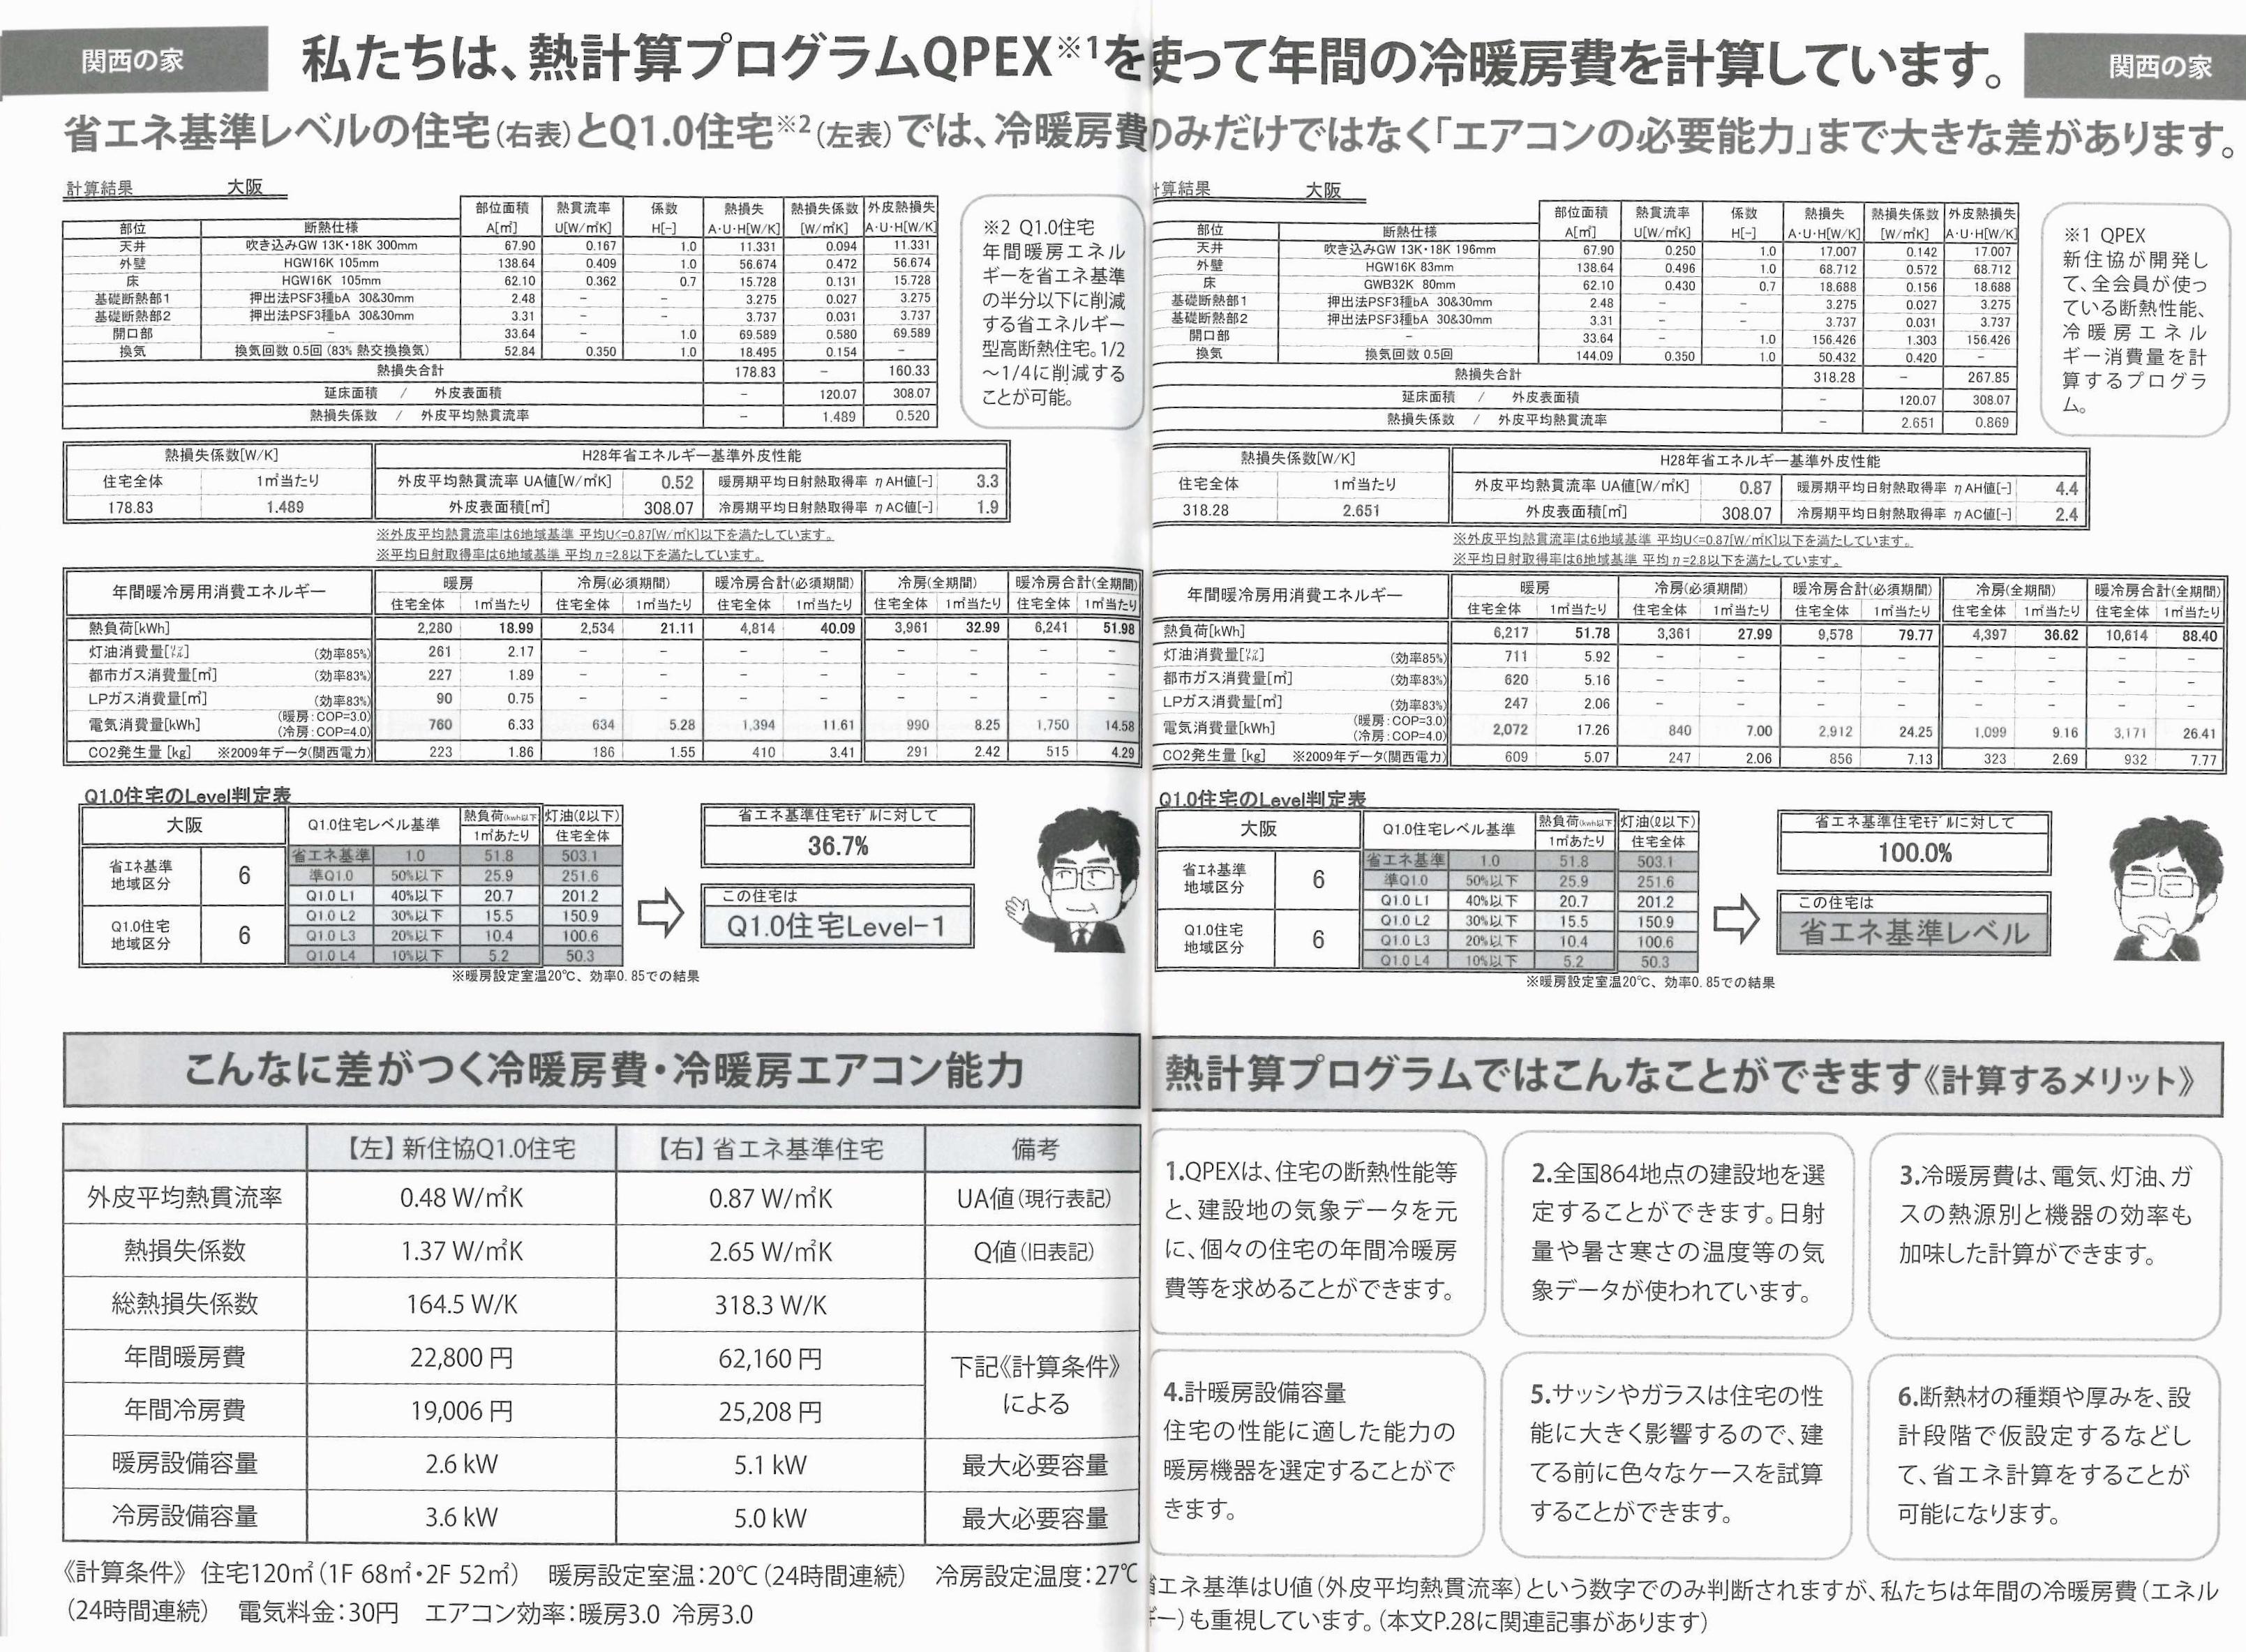 新住協マンガ本西日本版QPEXの解説の写真